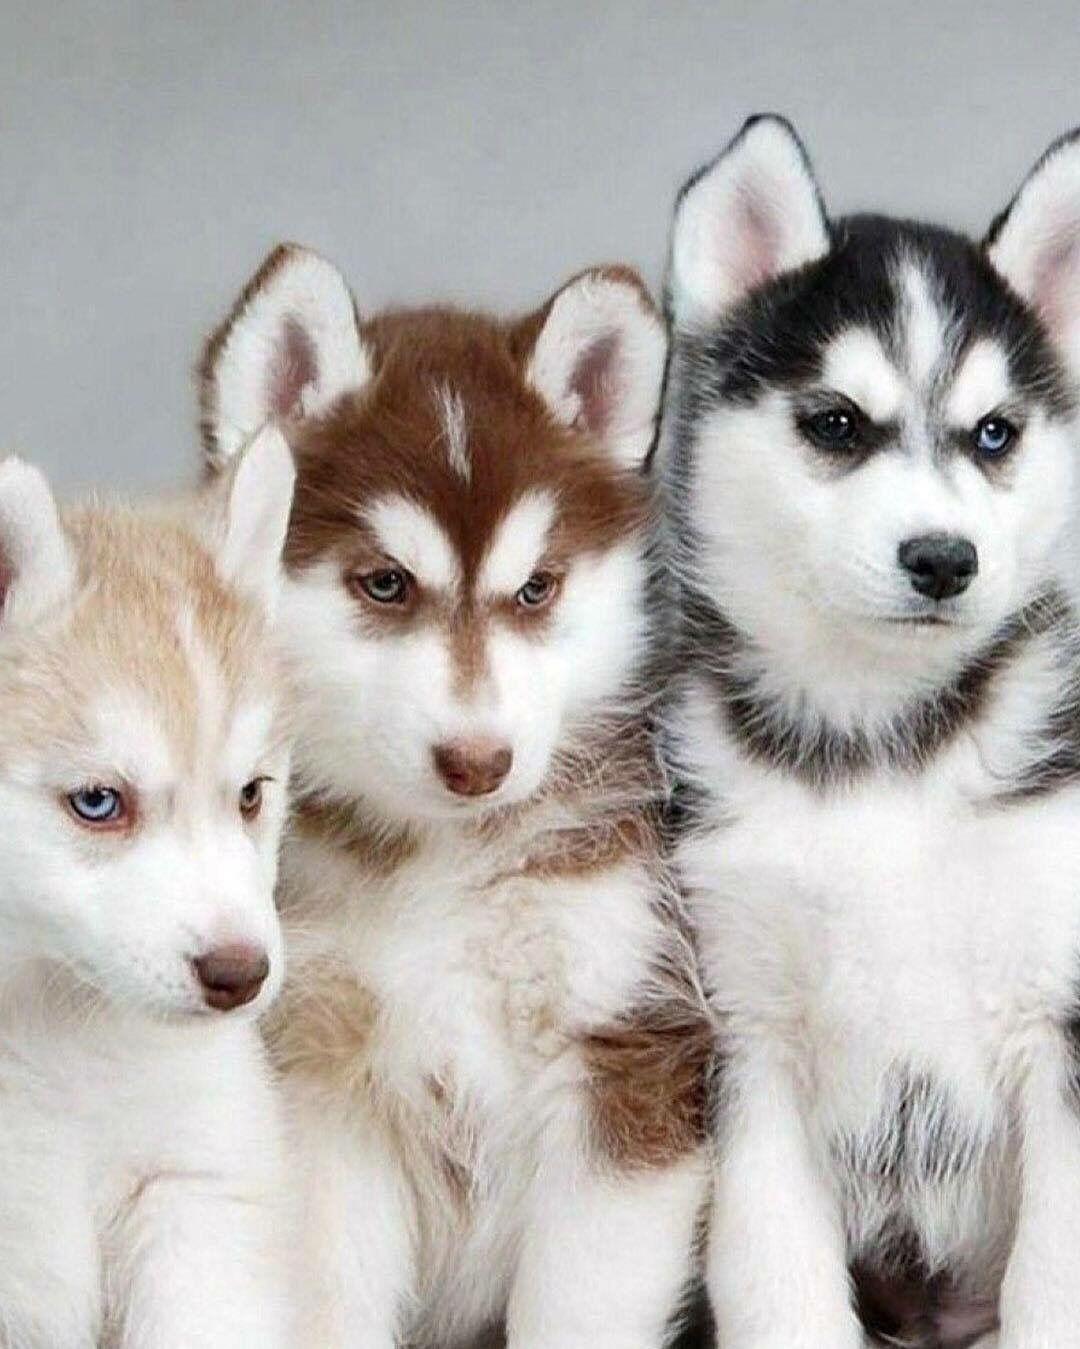 Wuschelhund Rasse - Wuschelhund Rasse